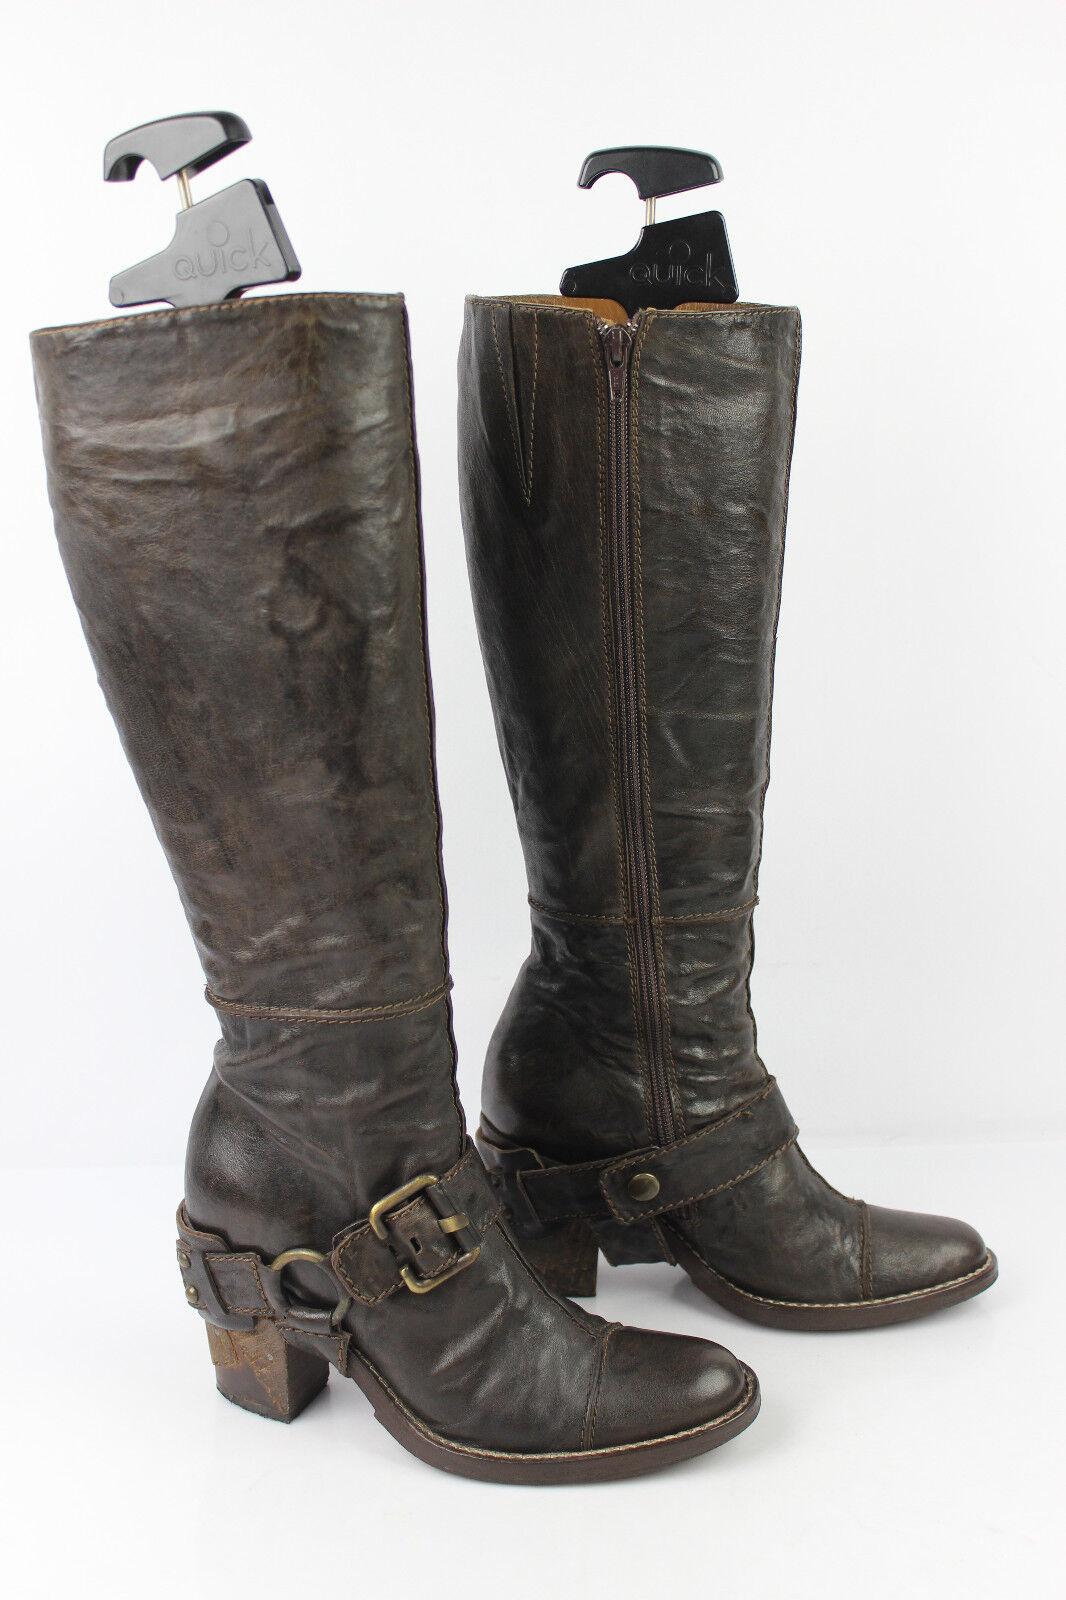 Stiefel DYVA made in italy Vollleder Braune t 35   36 sehr guter Zustand  | Ermäßigung